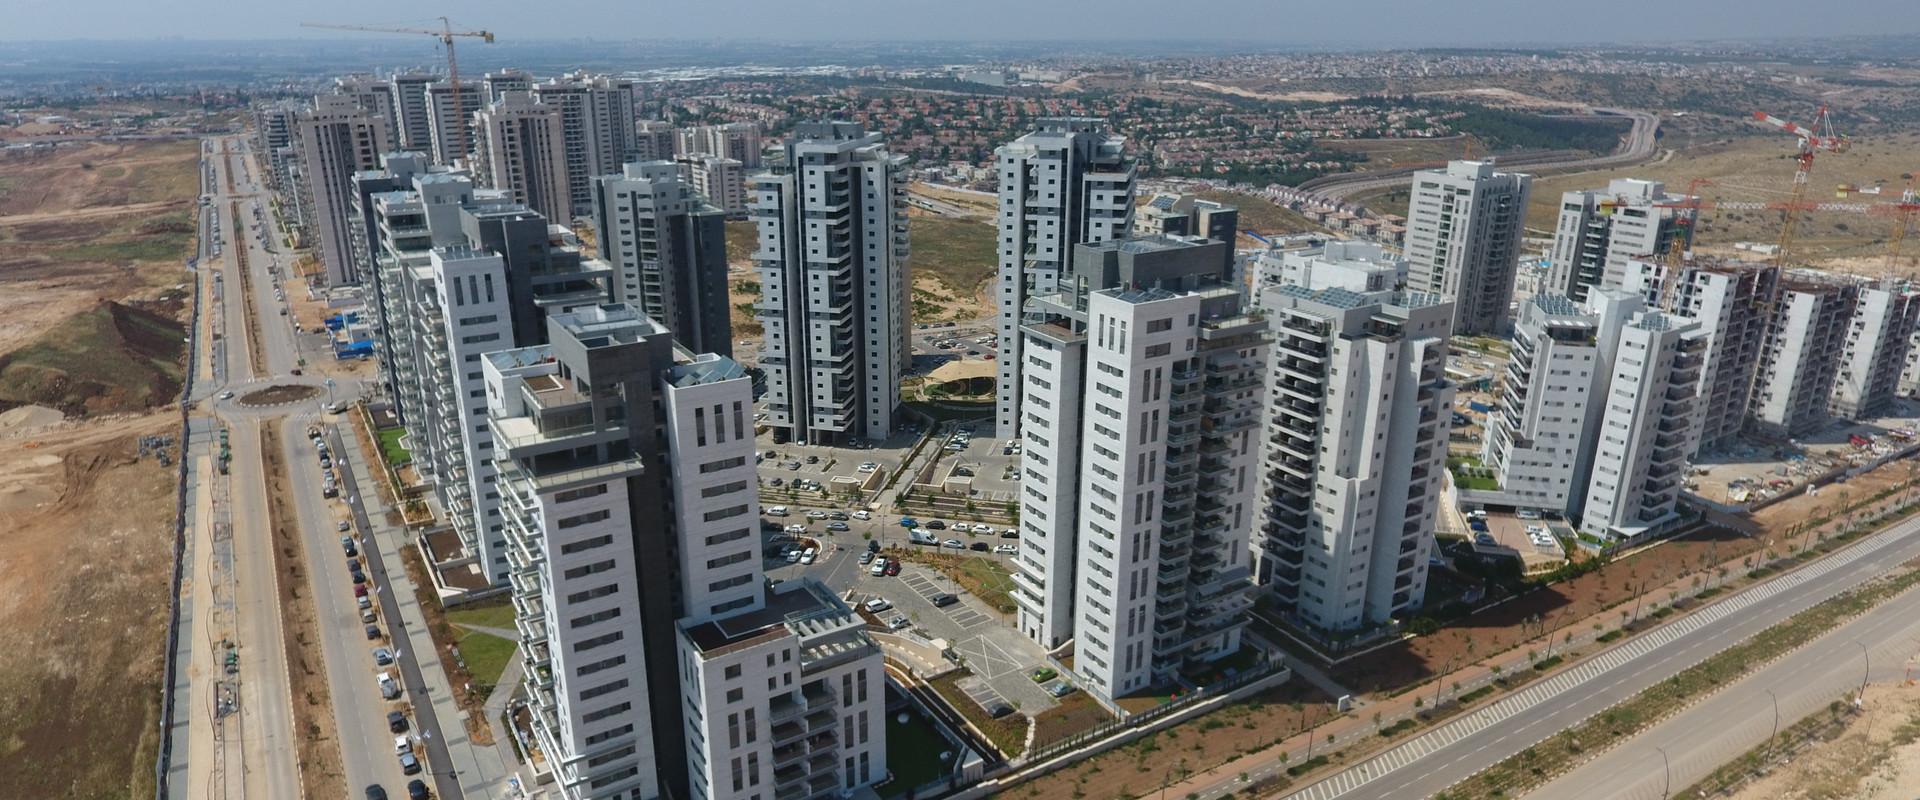 צילום אווירי של הקמת שכונת פסגות אפק בראש העין (צילום: Samion Buchas, shutterstock)